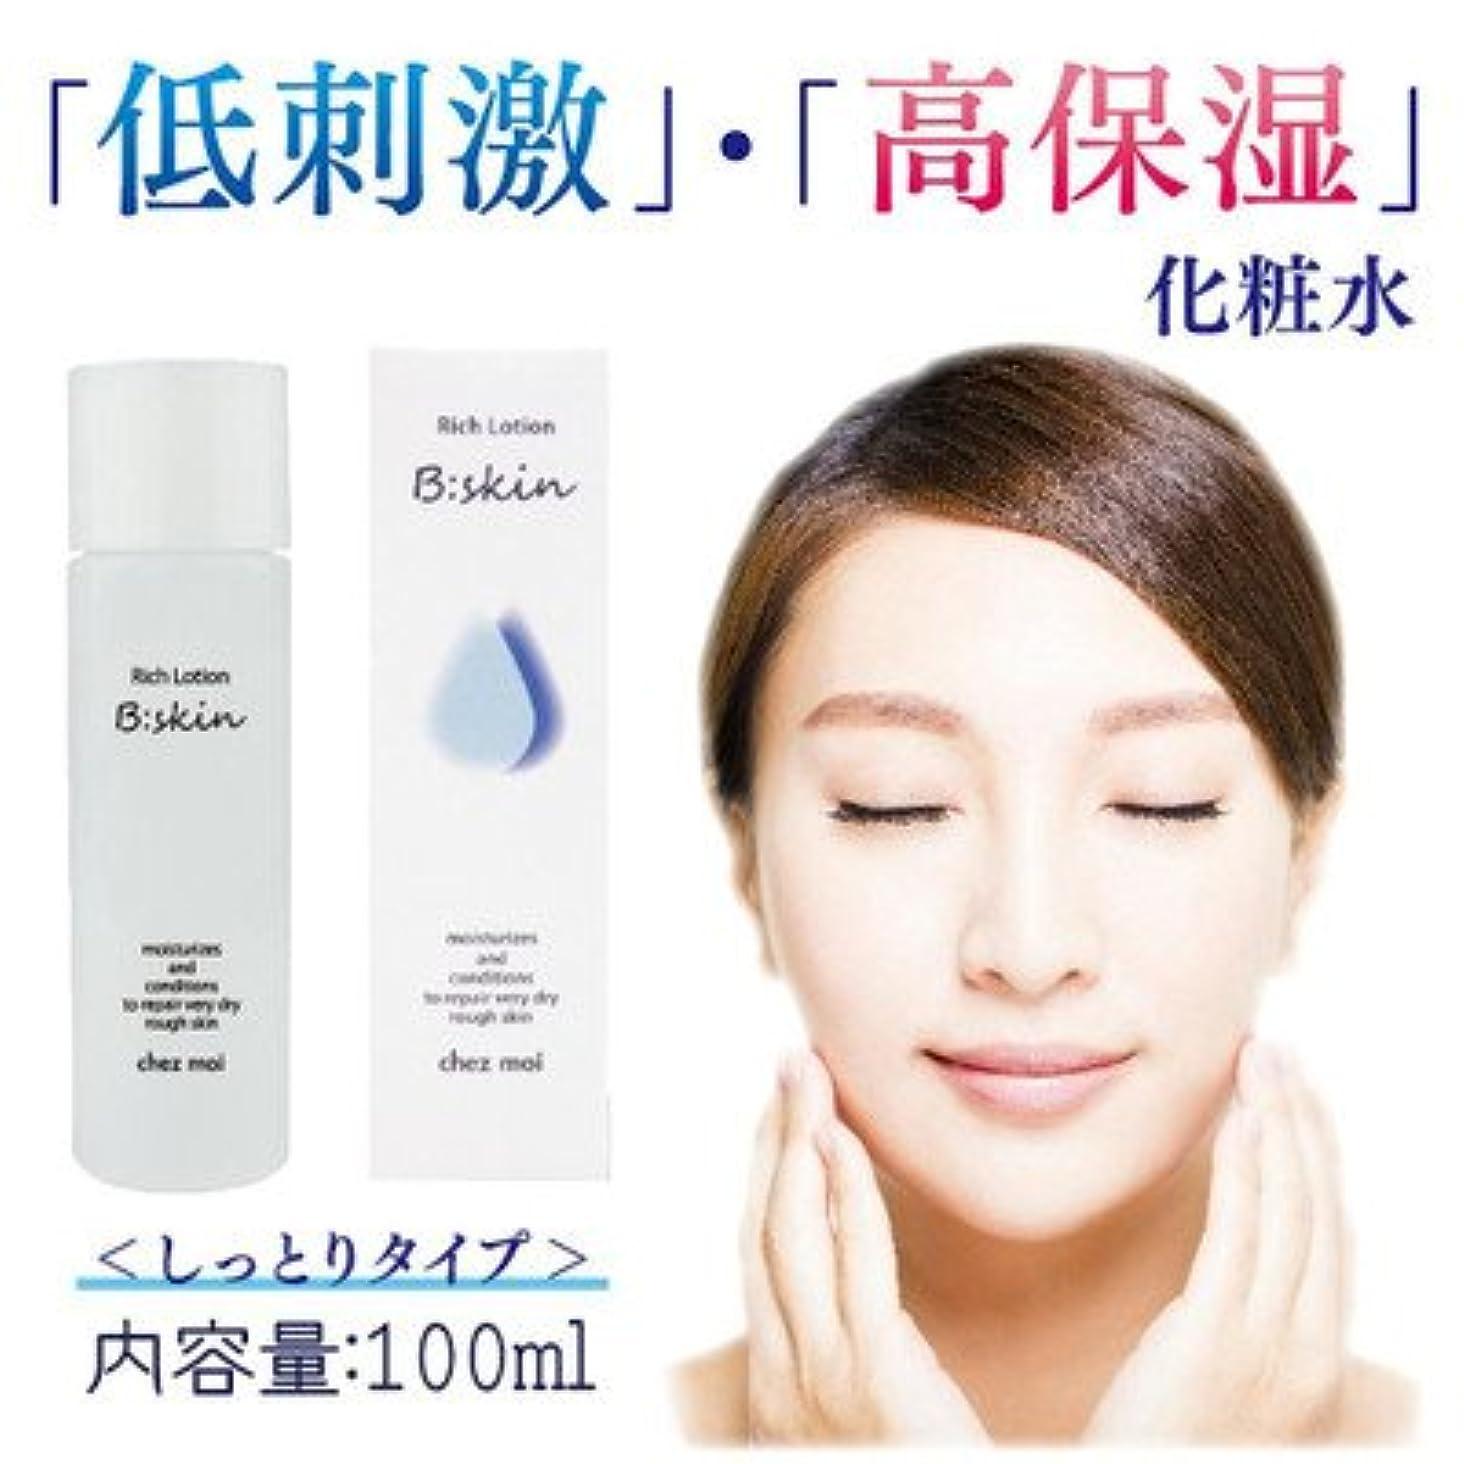 触覚測定手書き低刺激 高保湿 しっとりタイプの化粧水 B:skin ビースキン Rich Lotion リッチローション しっとりタイプ 化粧水 100mL